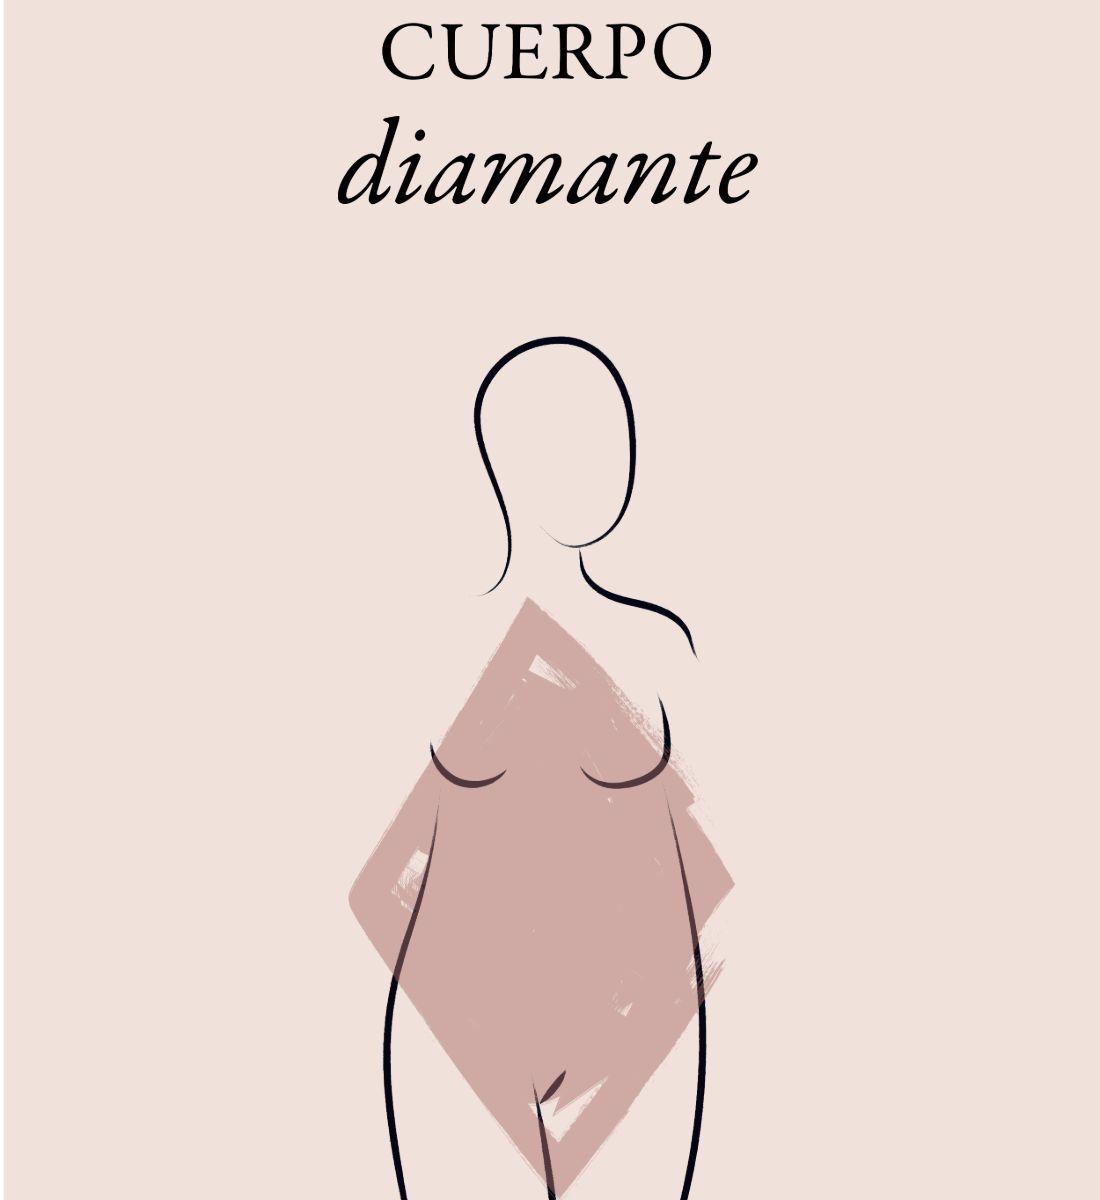 que es cuerpo diamante